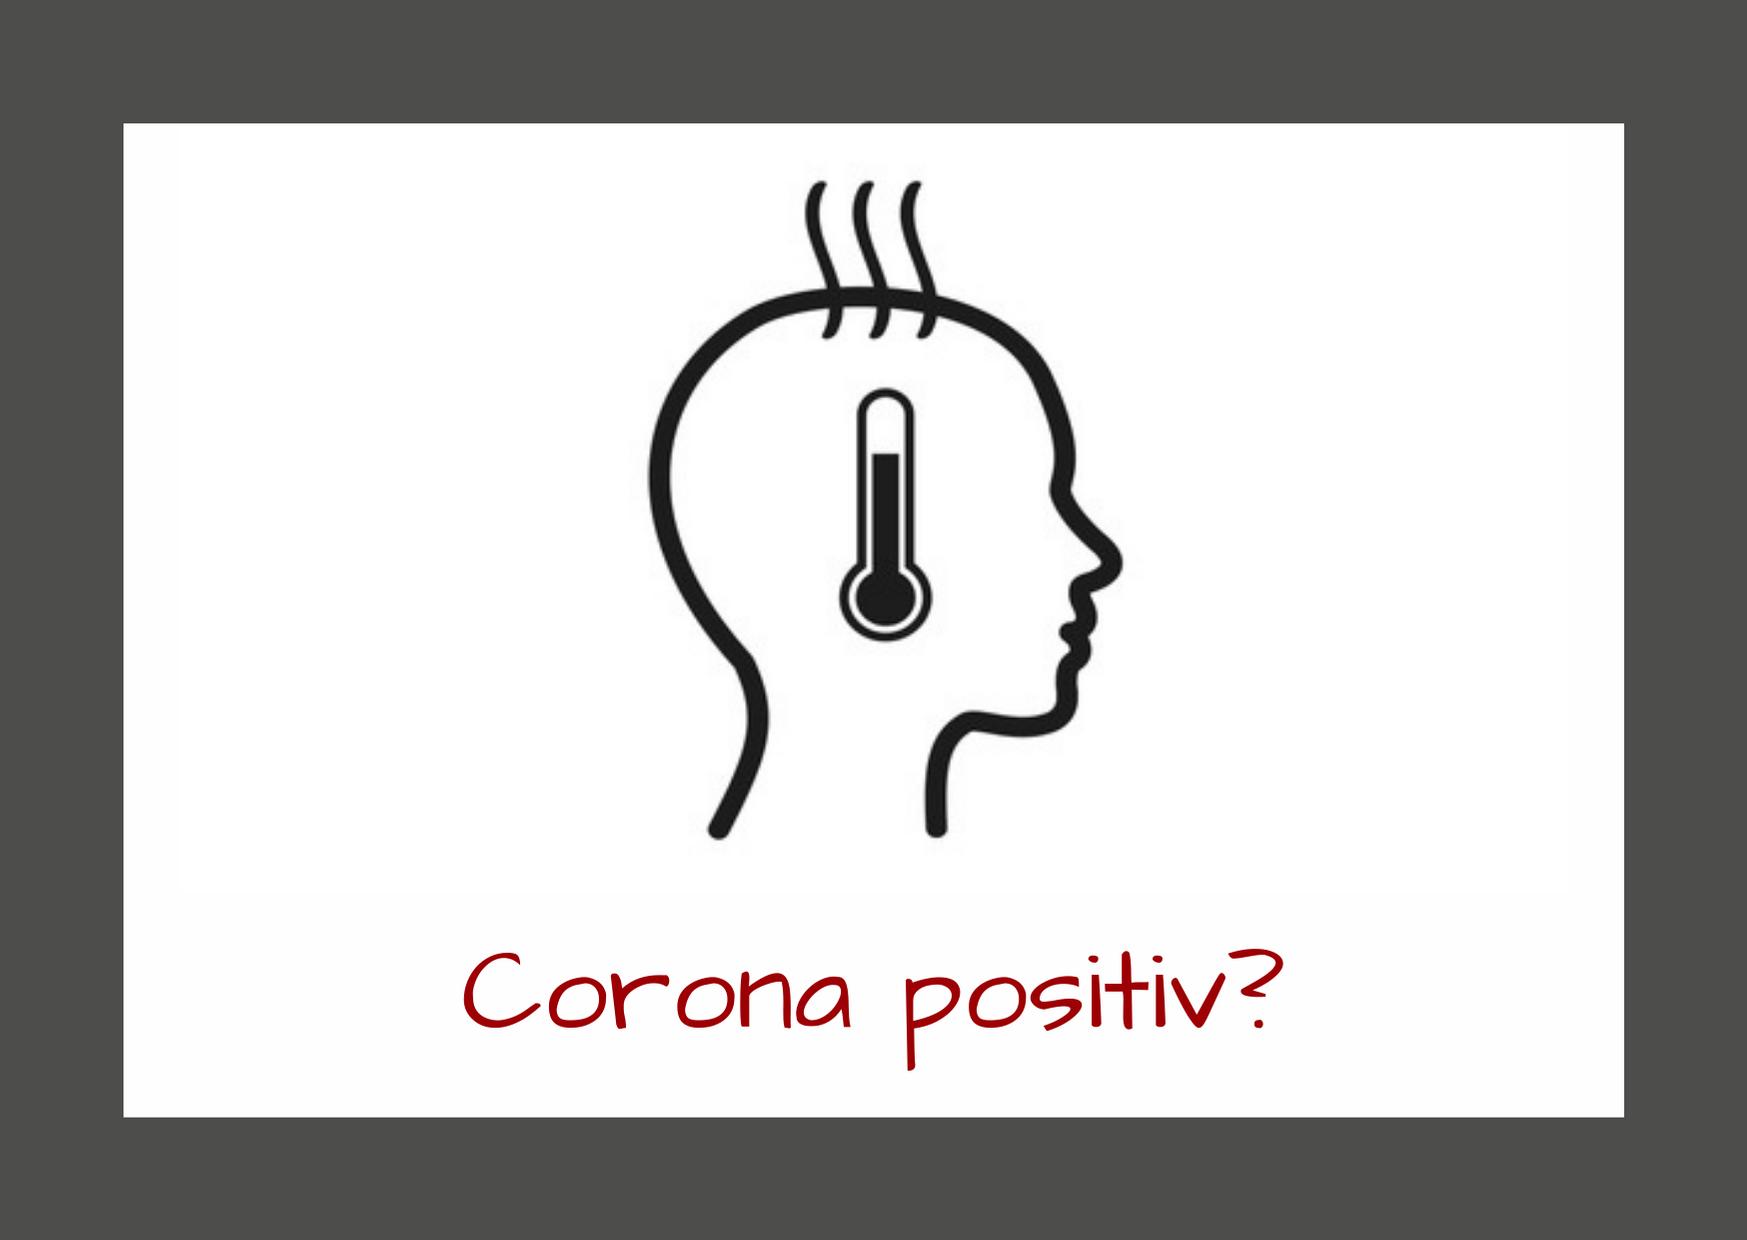 Corona positiv? - Corona-Sicherheitsmaßnahmen